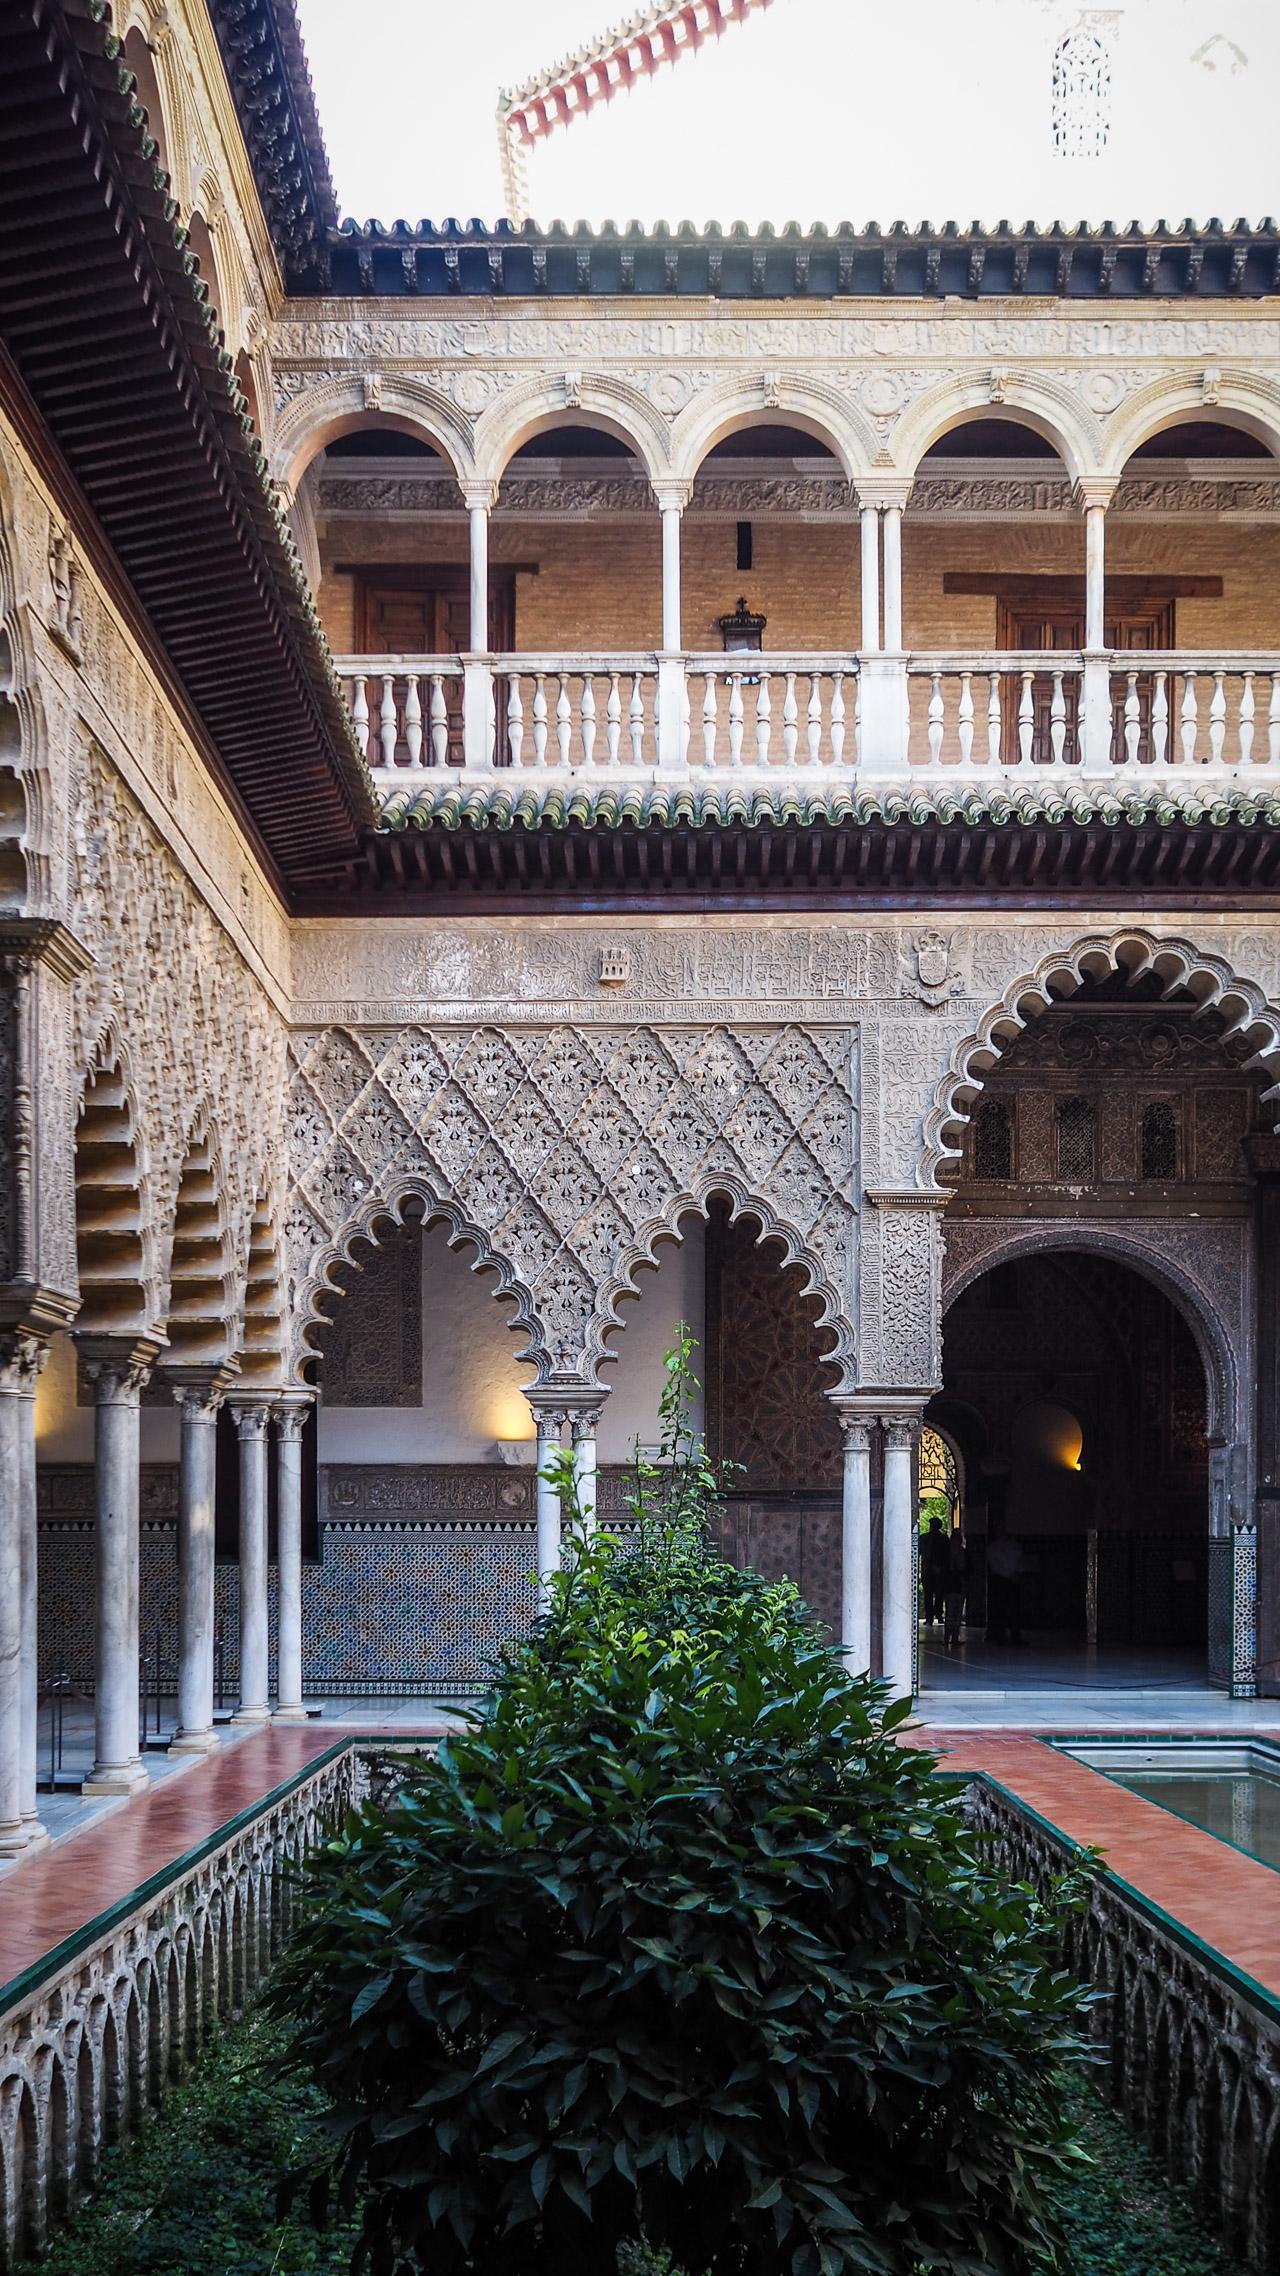 Seville Spain Day 2-2